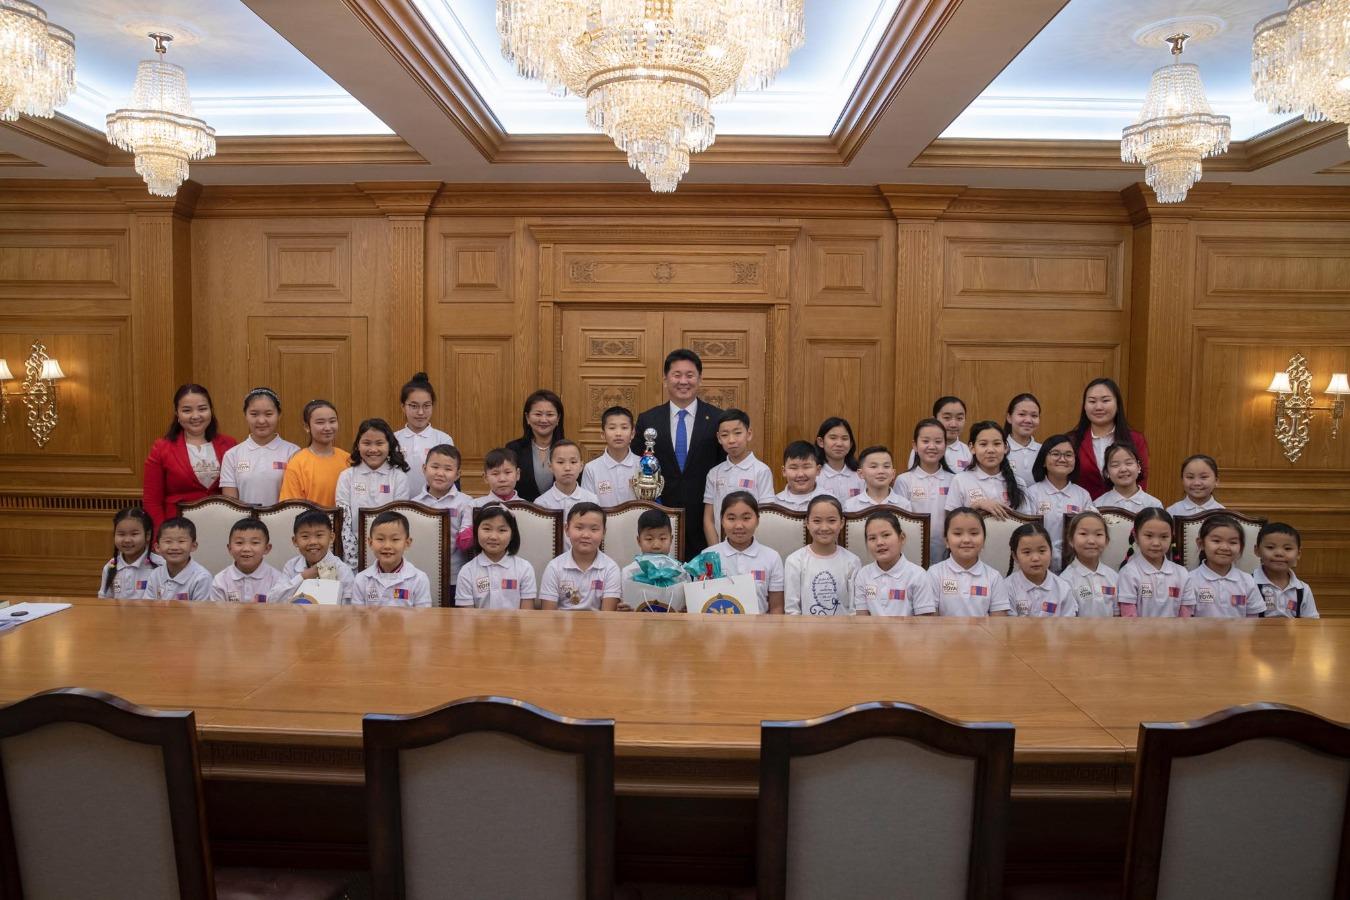 Олон улсын цээж тооллын тэмцээнд амжилт гаргасан хүүхдүүдийг хүлээн авч уулзаж, баяр хүргэв